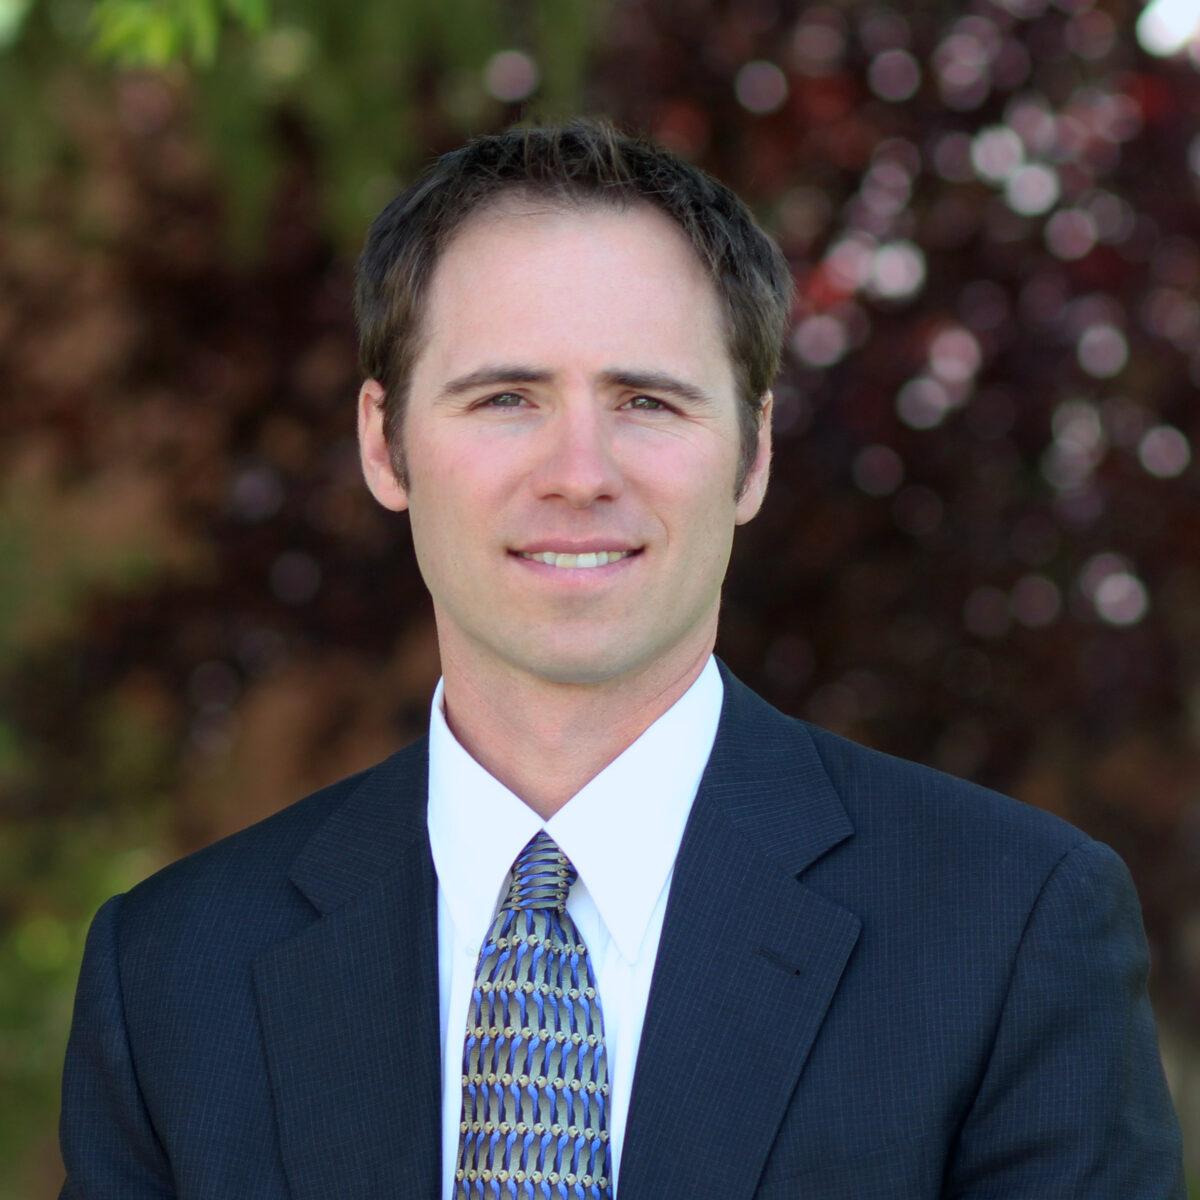 D. Scott Borden